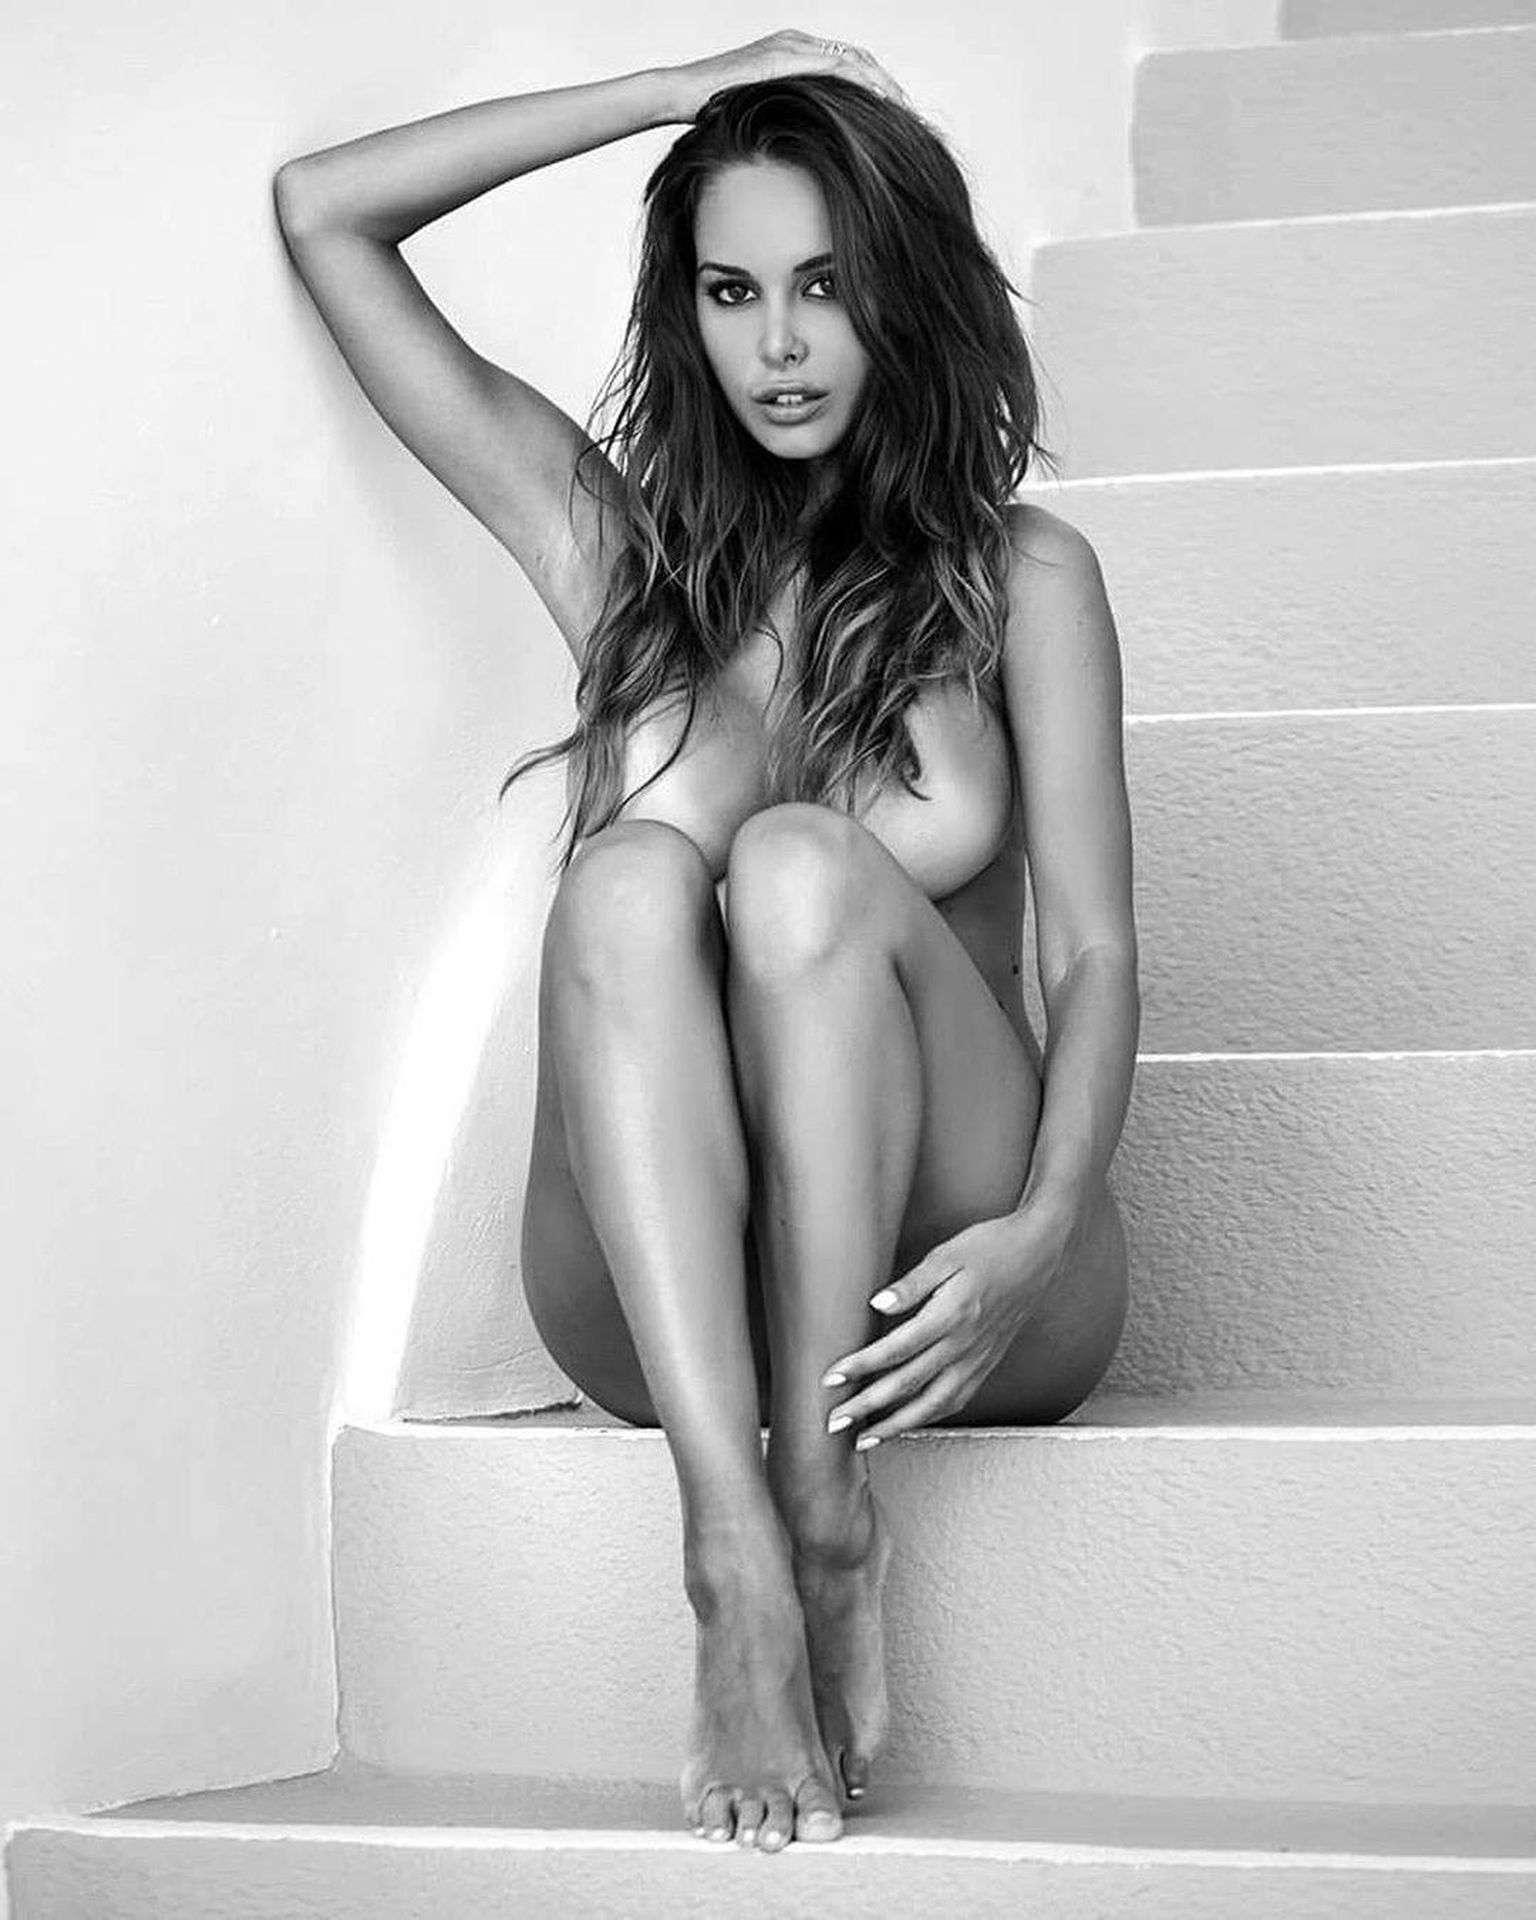 Susanna nackt Canzian Playboy Playmate